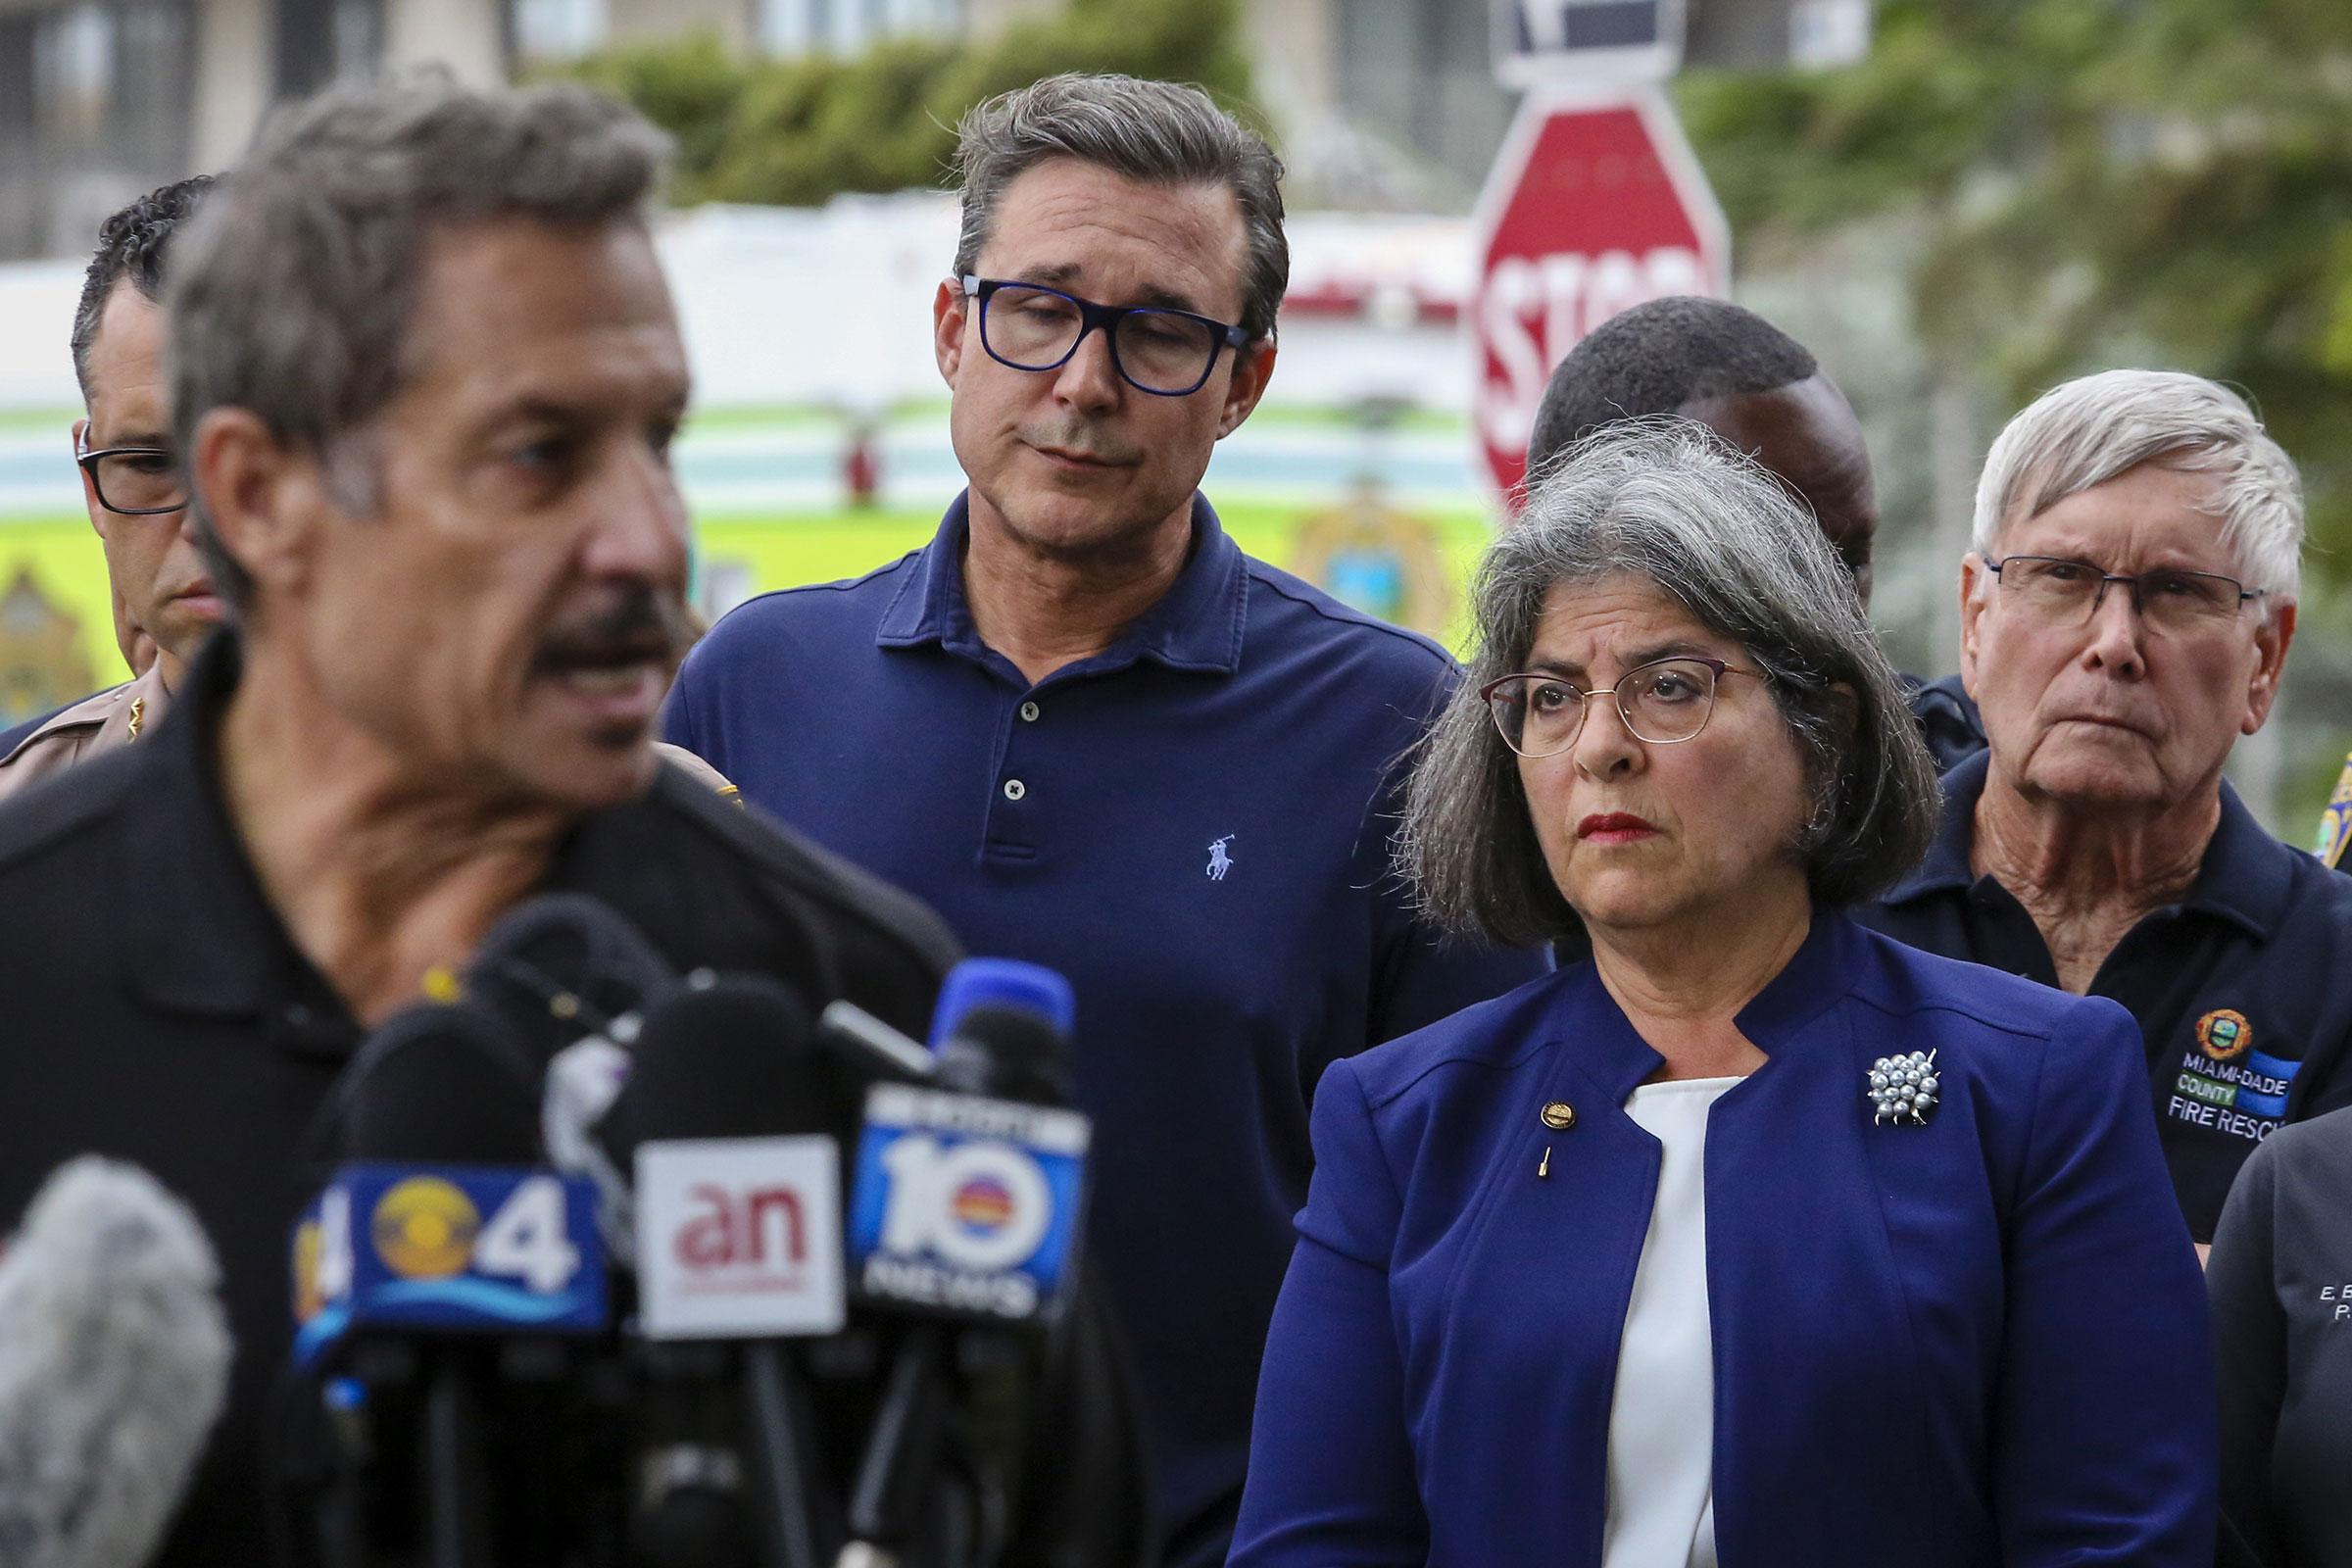 Miami-Dade County Mayor Daniella Levine Cava attends to a press conference on June 24.